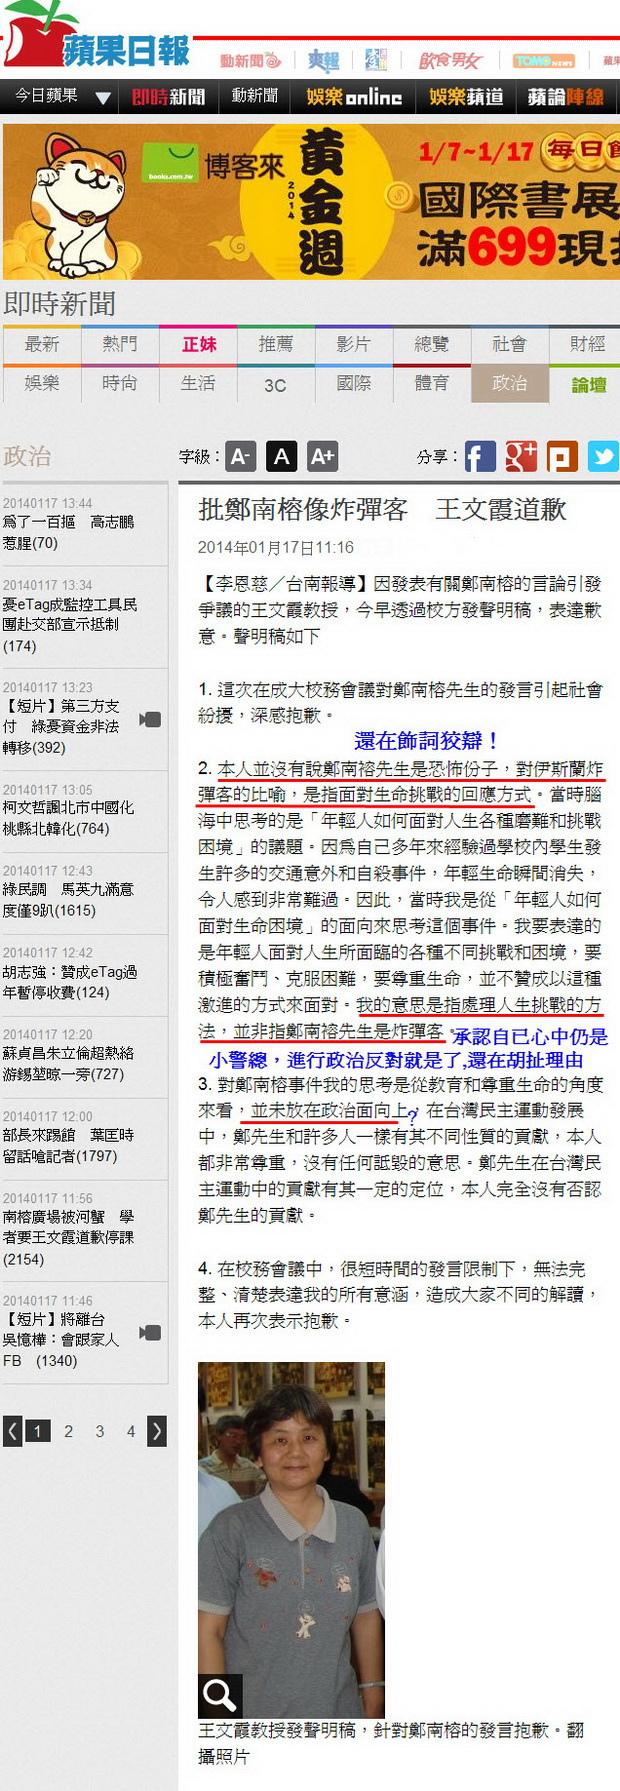 批鄭南榕像炸彈客 王文霞道歉-2014.01.17.jpg